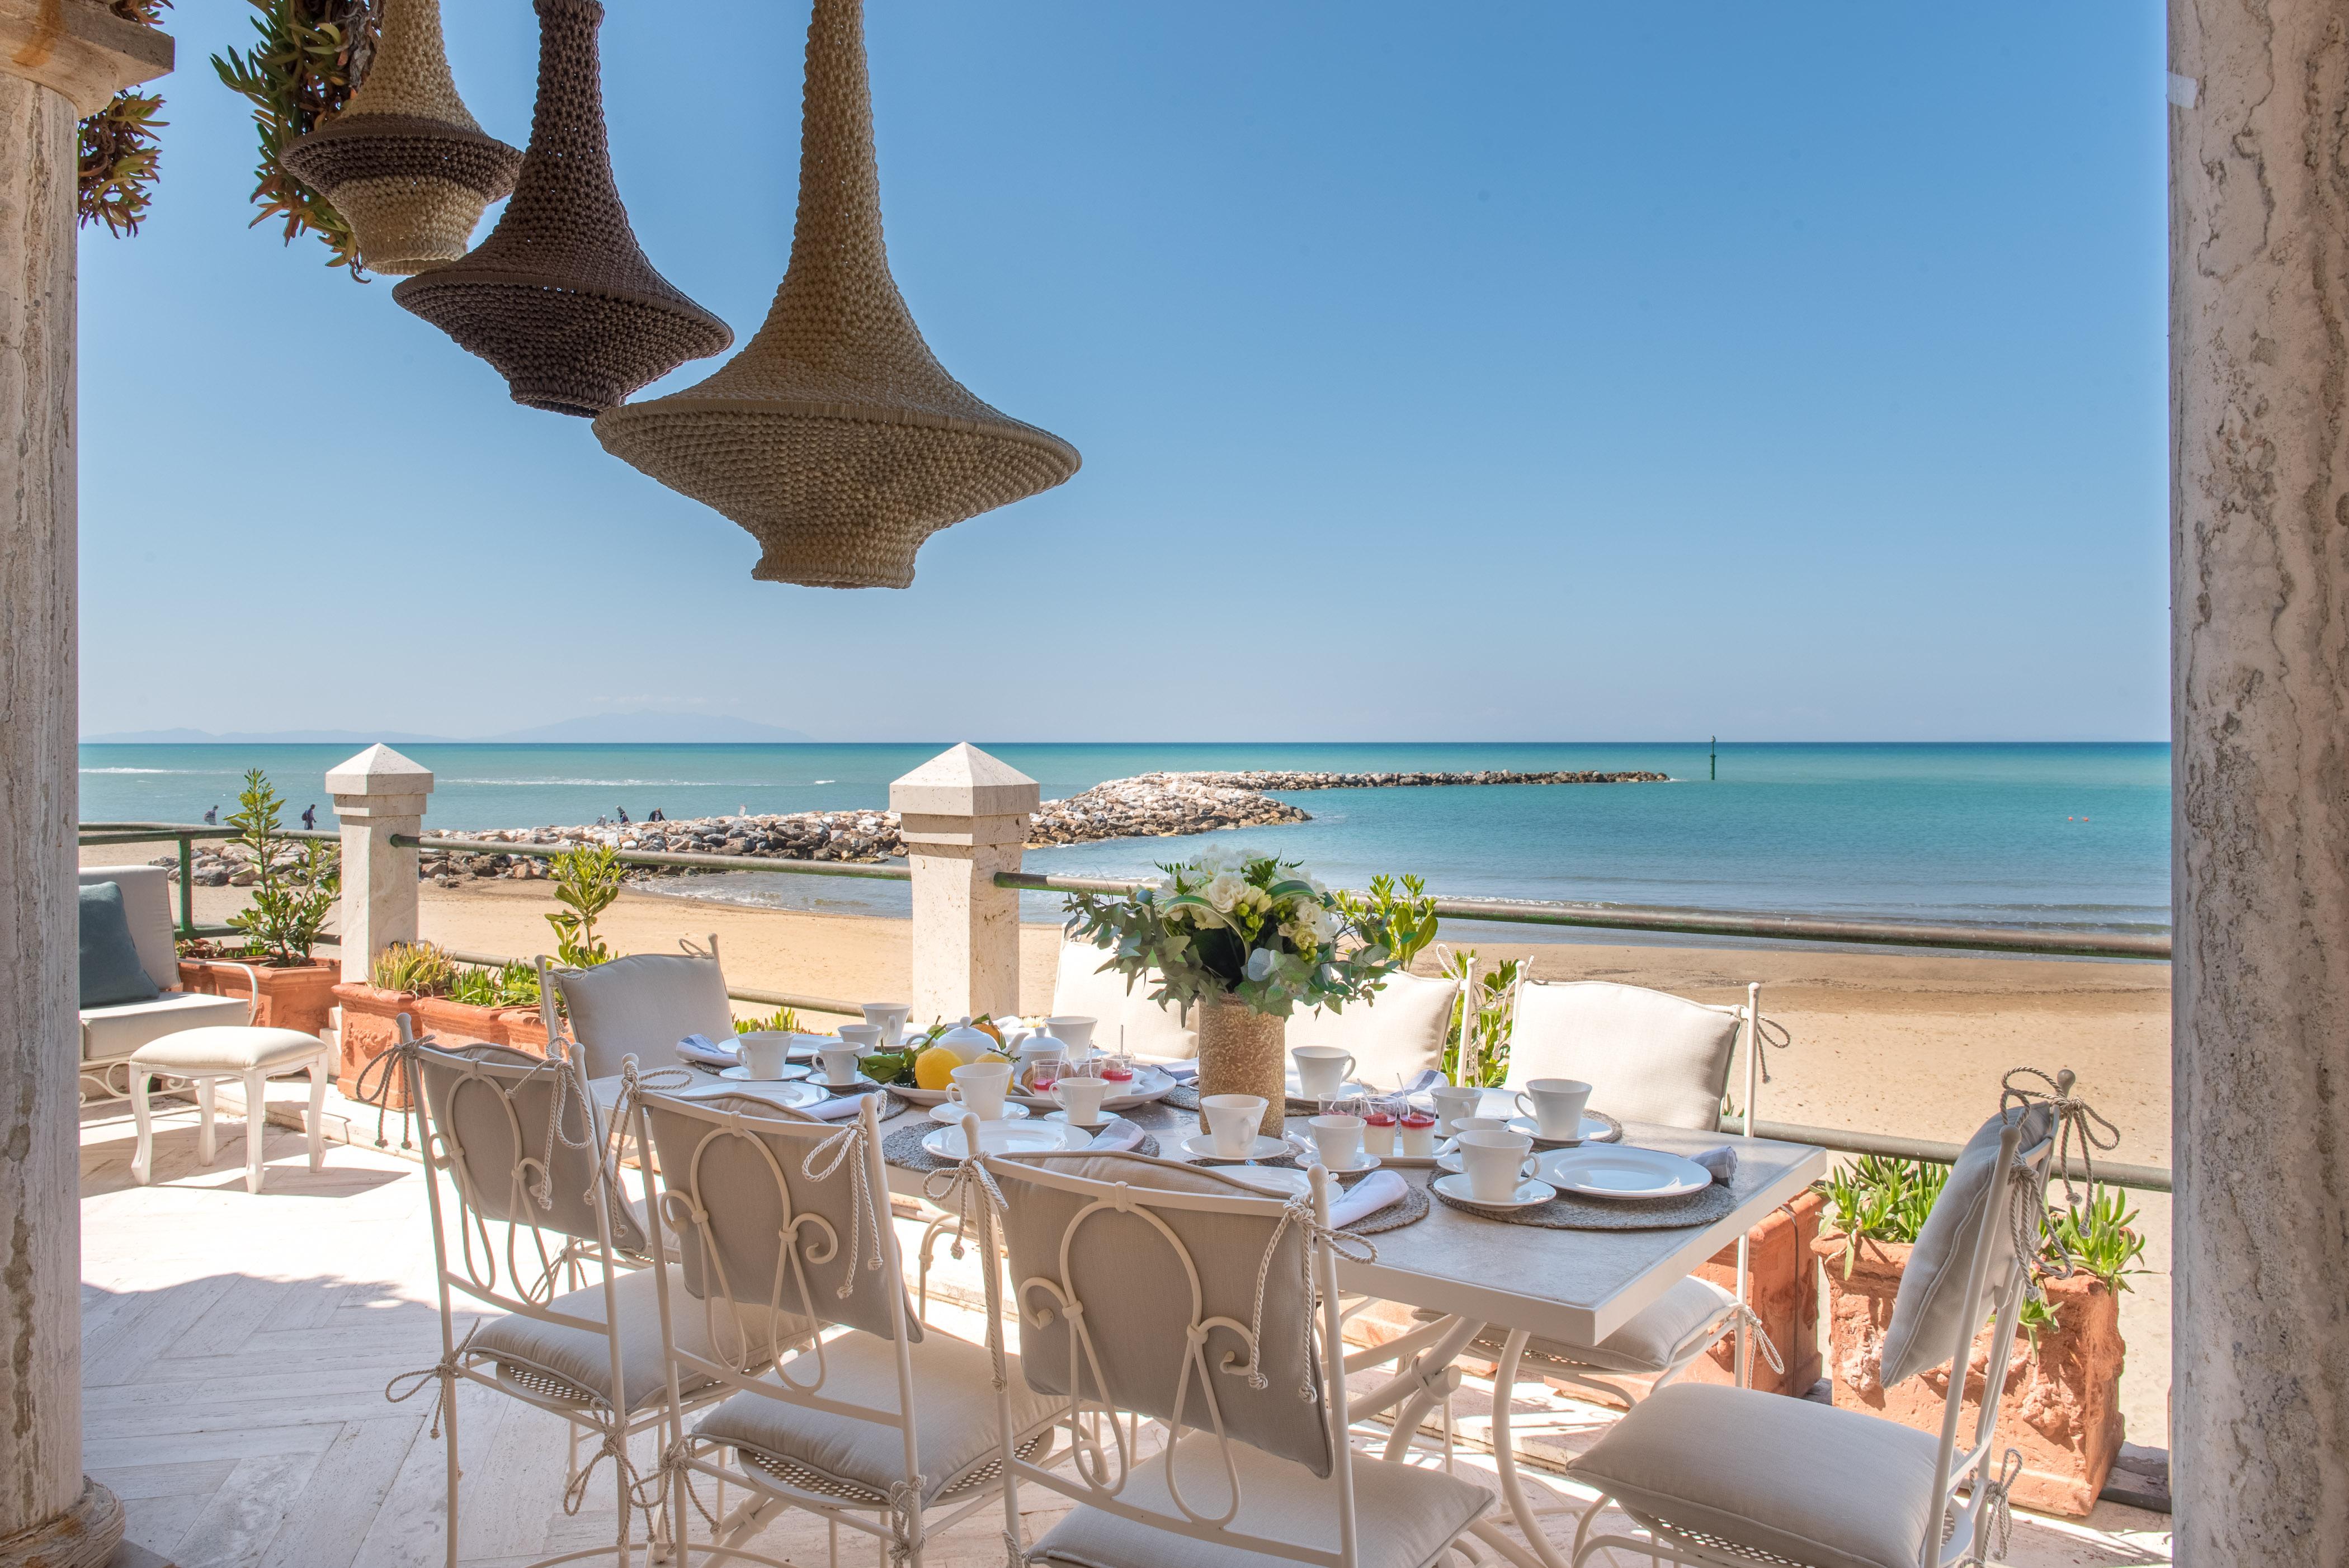 Terrazza sul mare di San Vincenzo - Villa Galatea